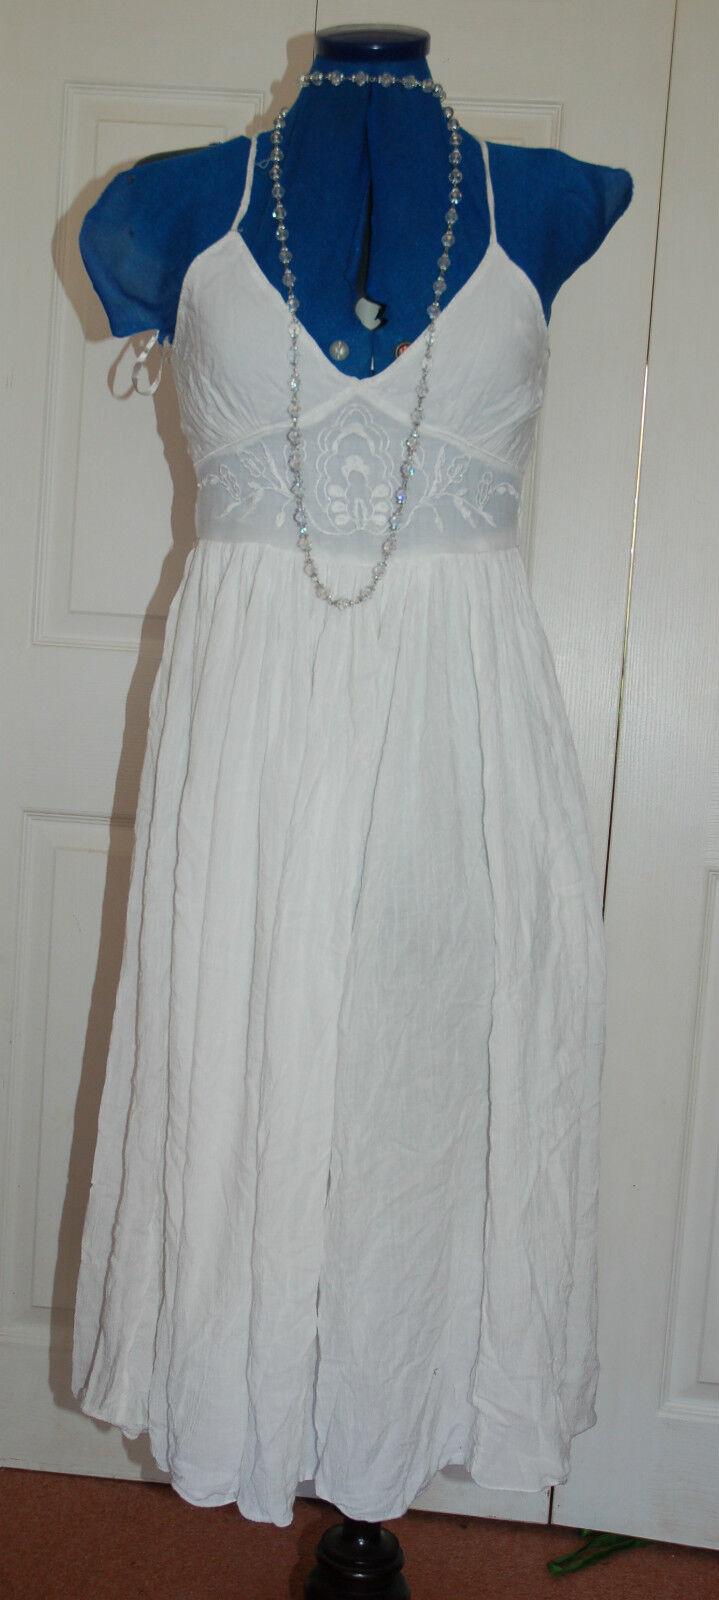 NOUVEAU 10 River Island Crinkle jupe Pearl Seed Bead Poitrine taille de robe d'été